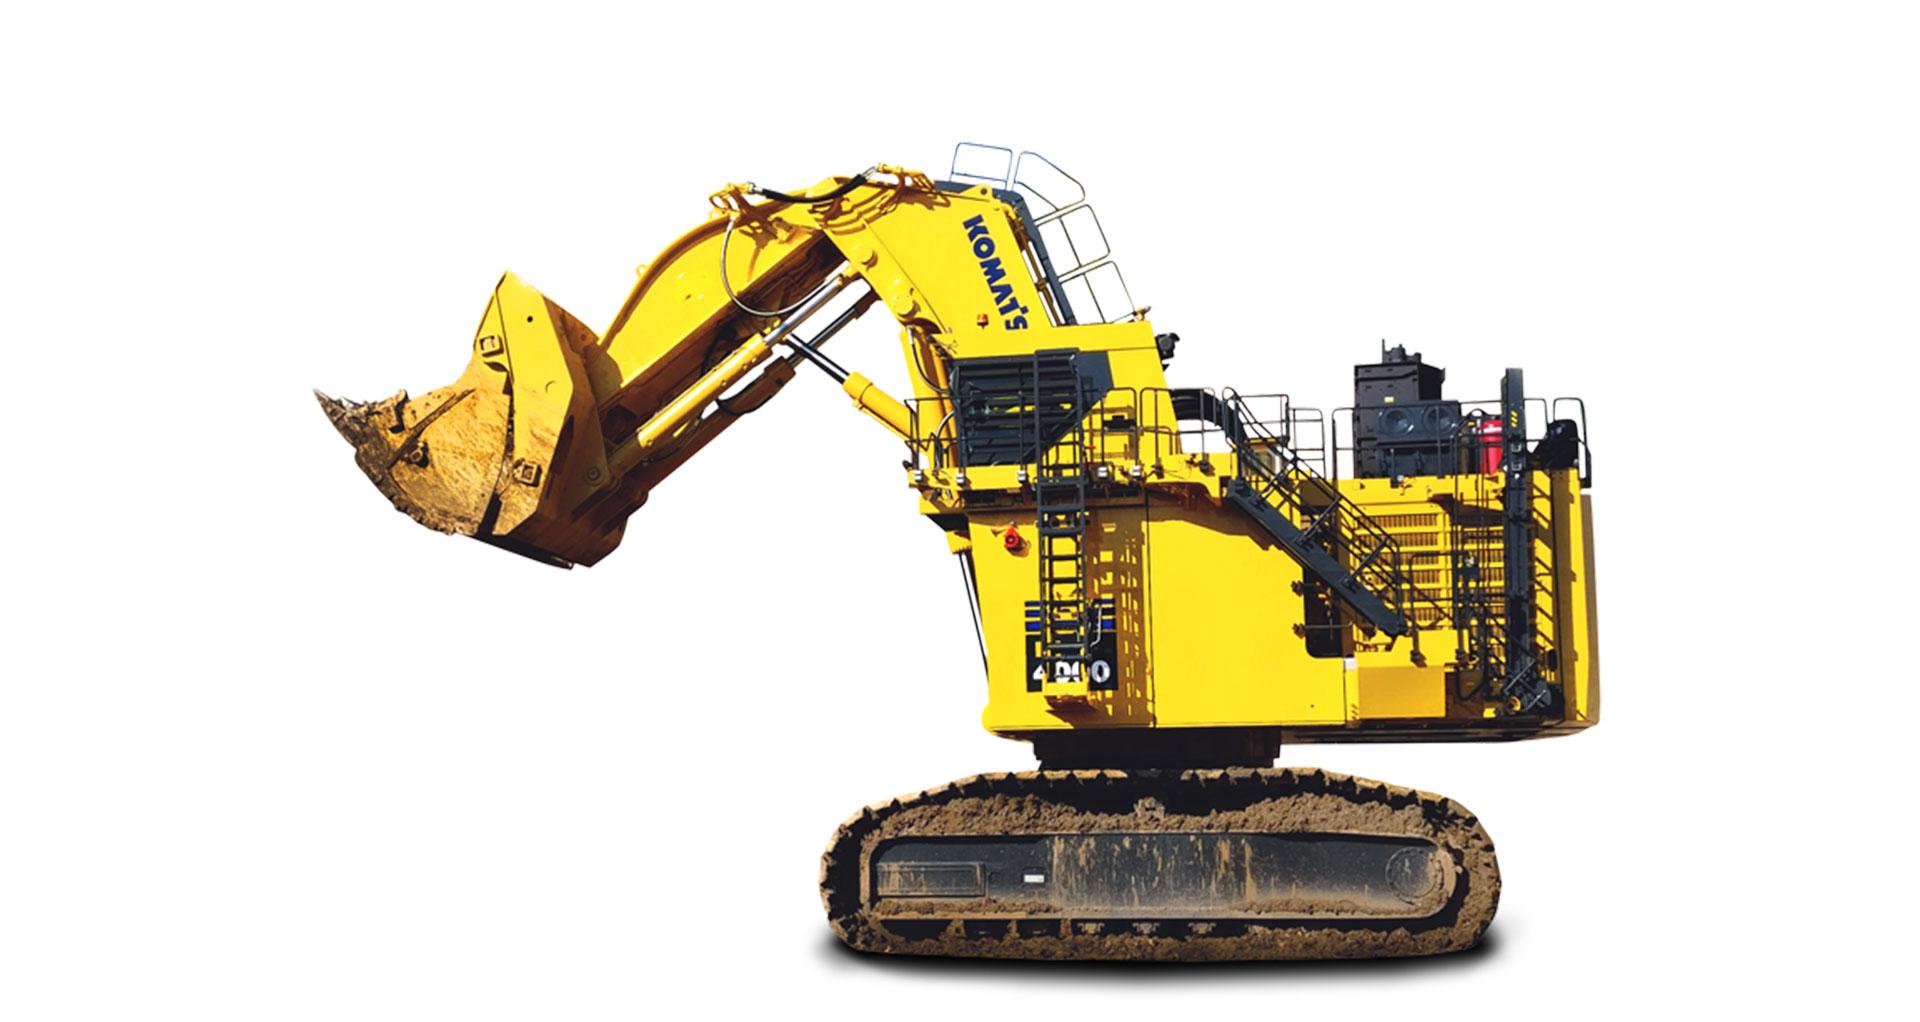 Escavatore idraulico da miniera Komatsu PC4000-11